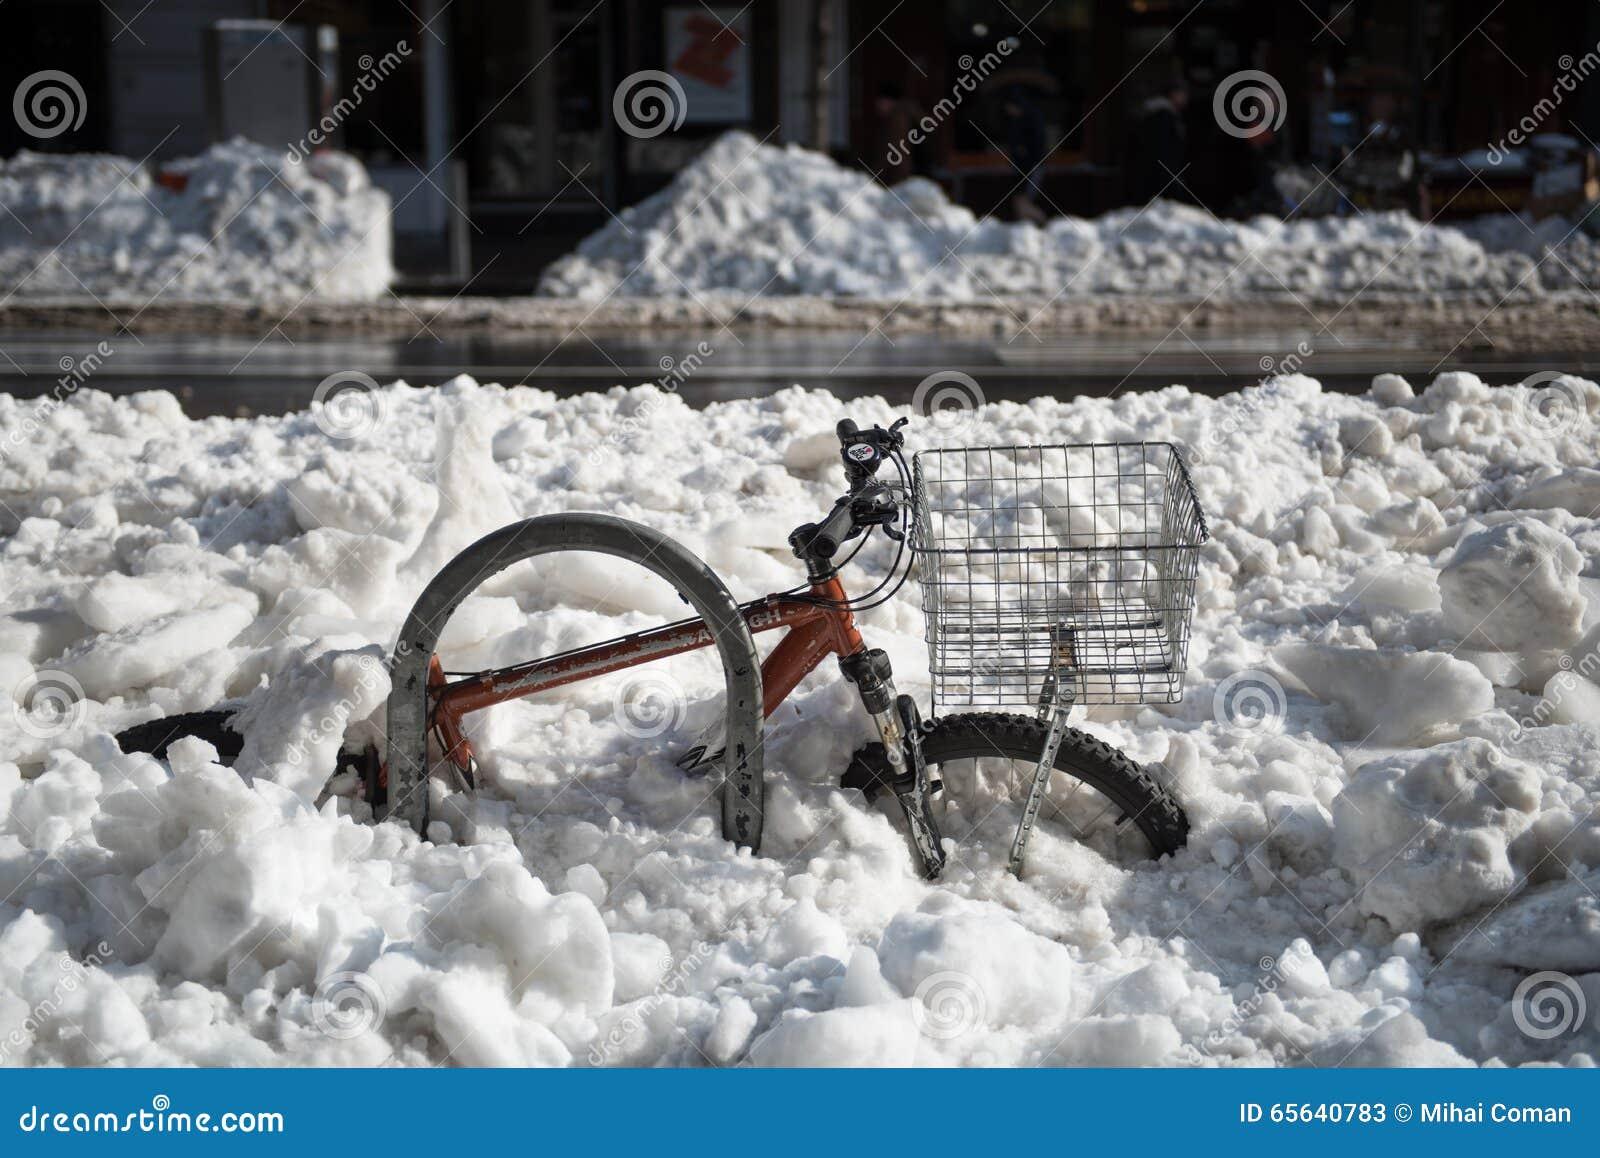 Bicyclette enterrée dans la neige profonde après tempête de neige